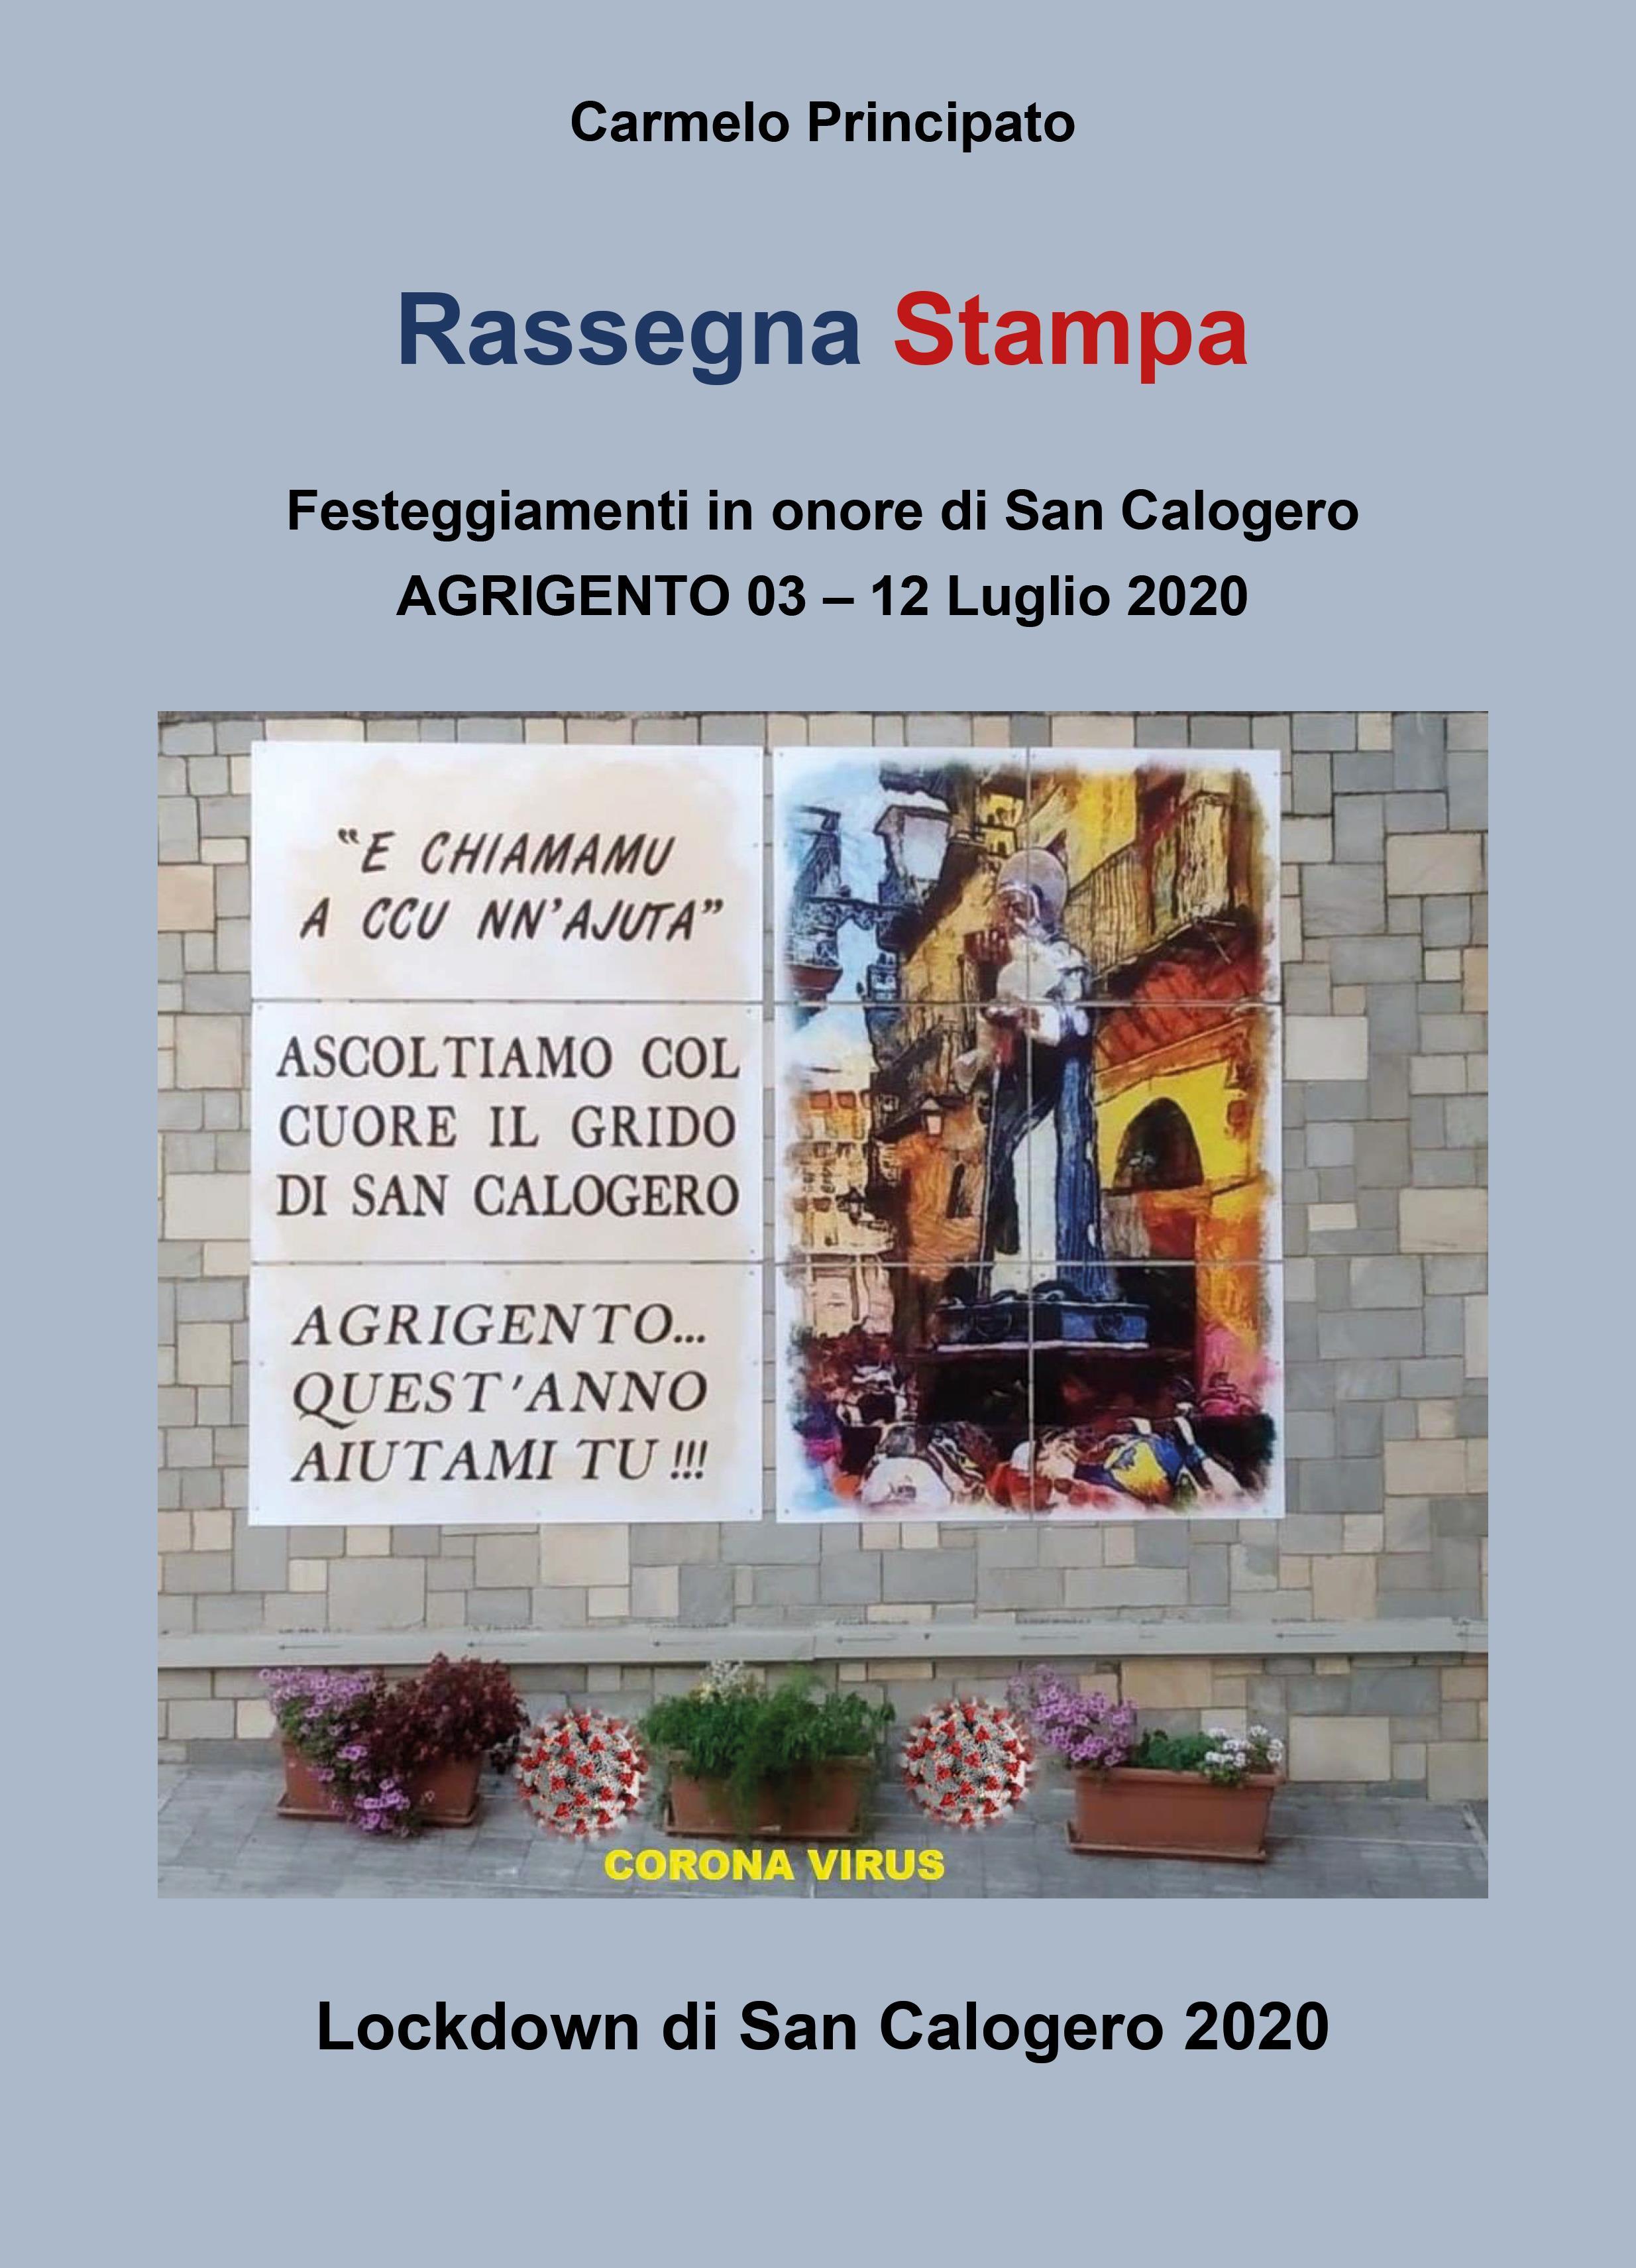 Rassegna Stampa - Festeggiamenti in onore di San Calogero - Agrigento 03-12 Luglio 2020